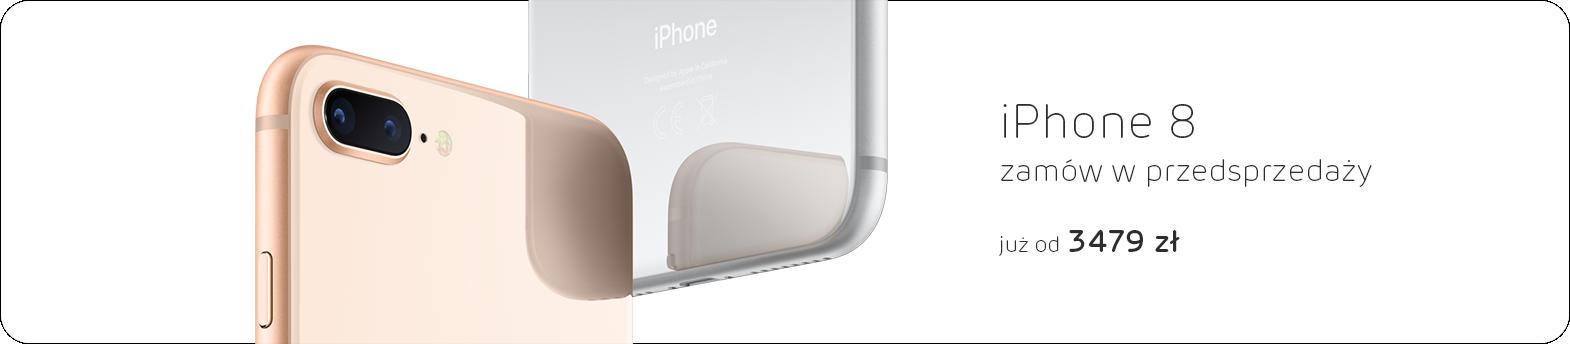 iPhone 8 - przedsprzedaż